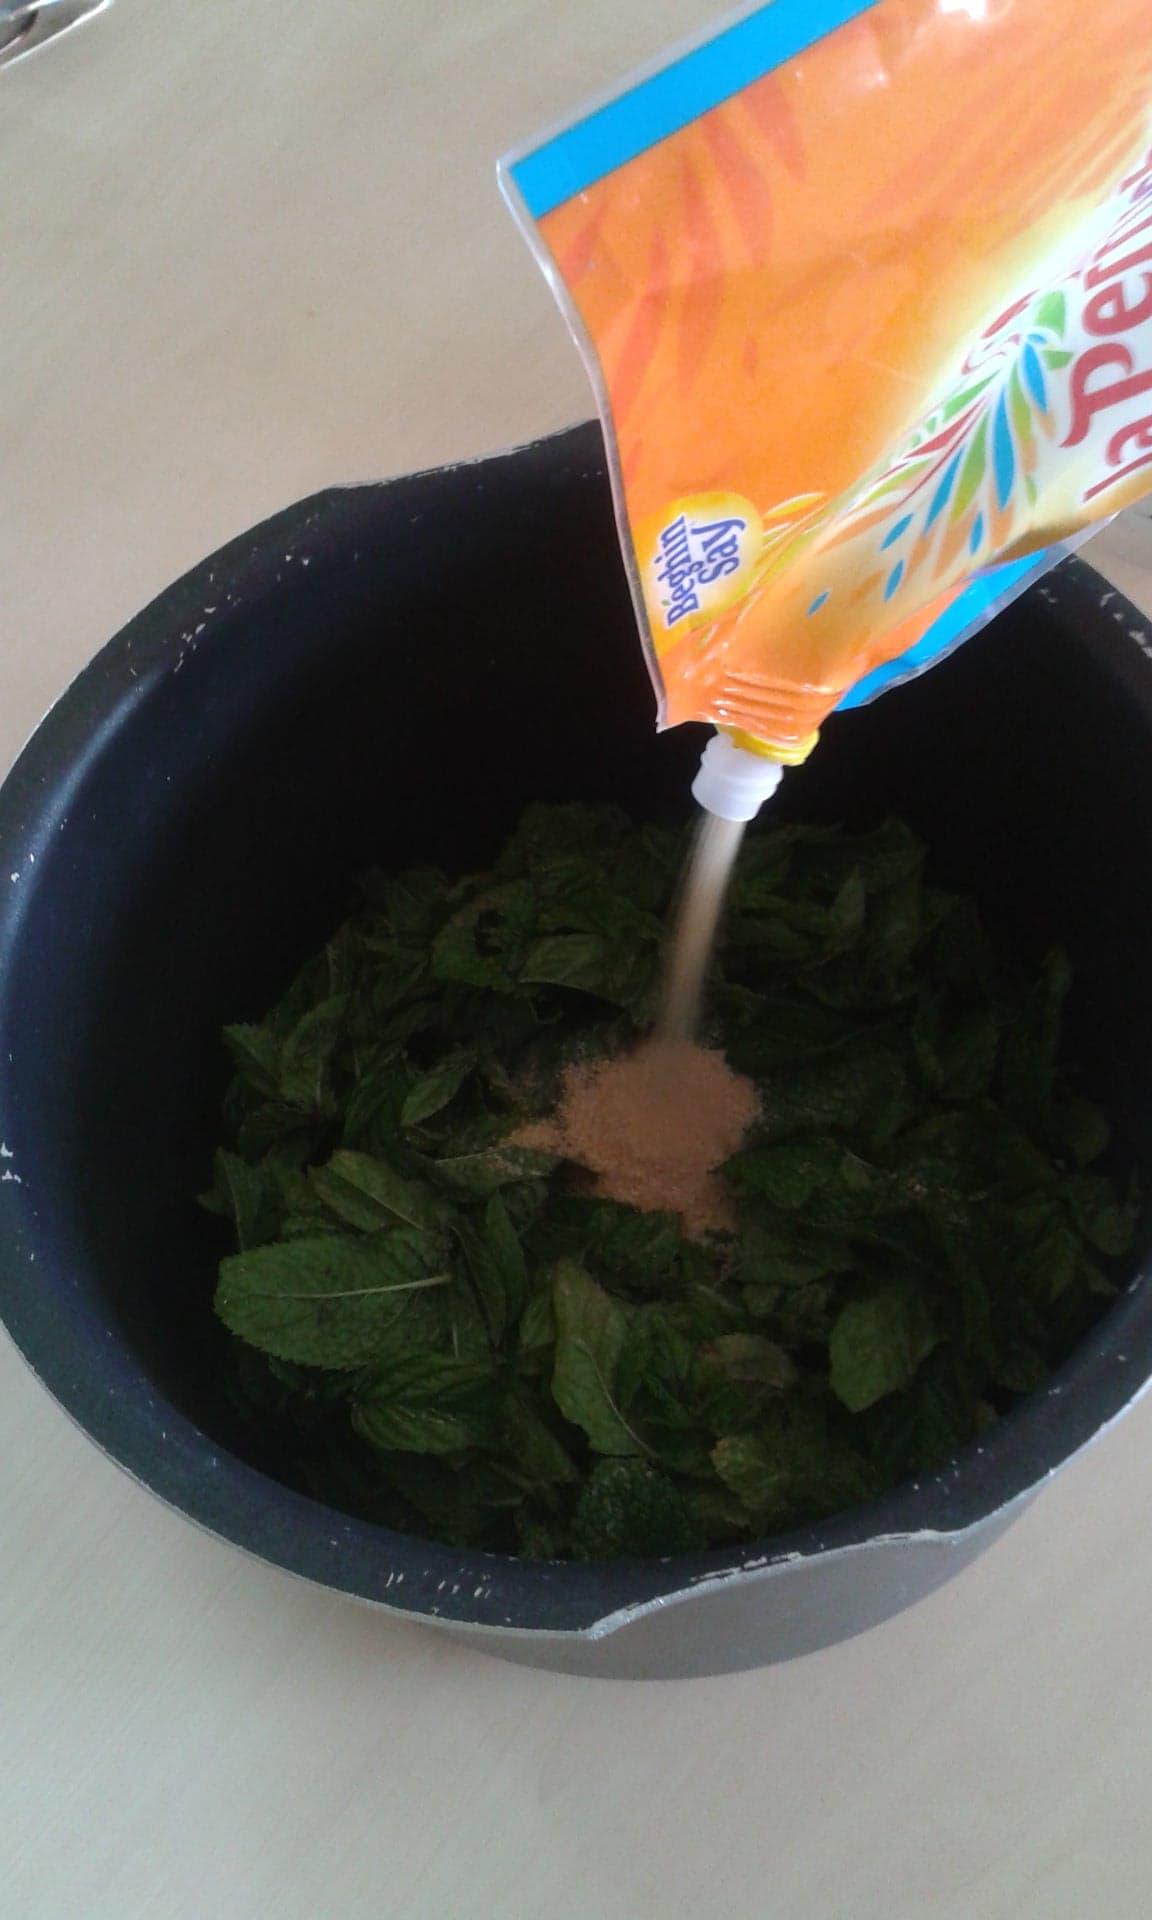 Recette sirop de menthe maison - ajouter le sucre